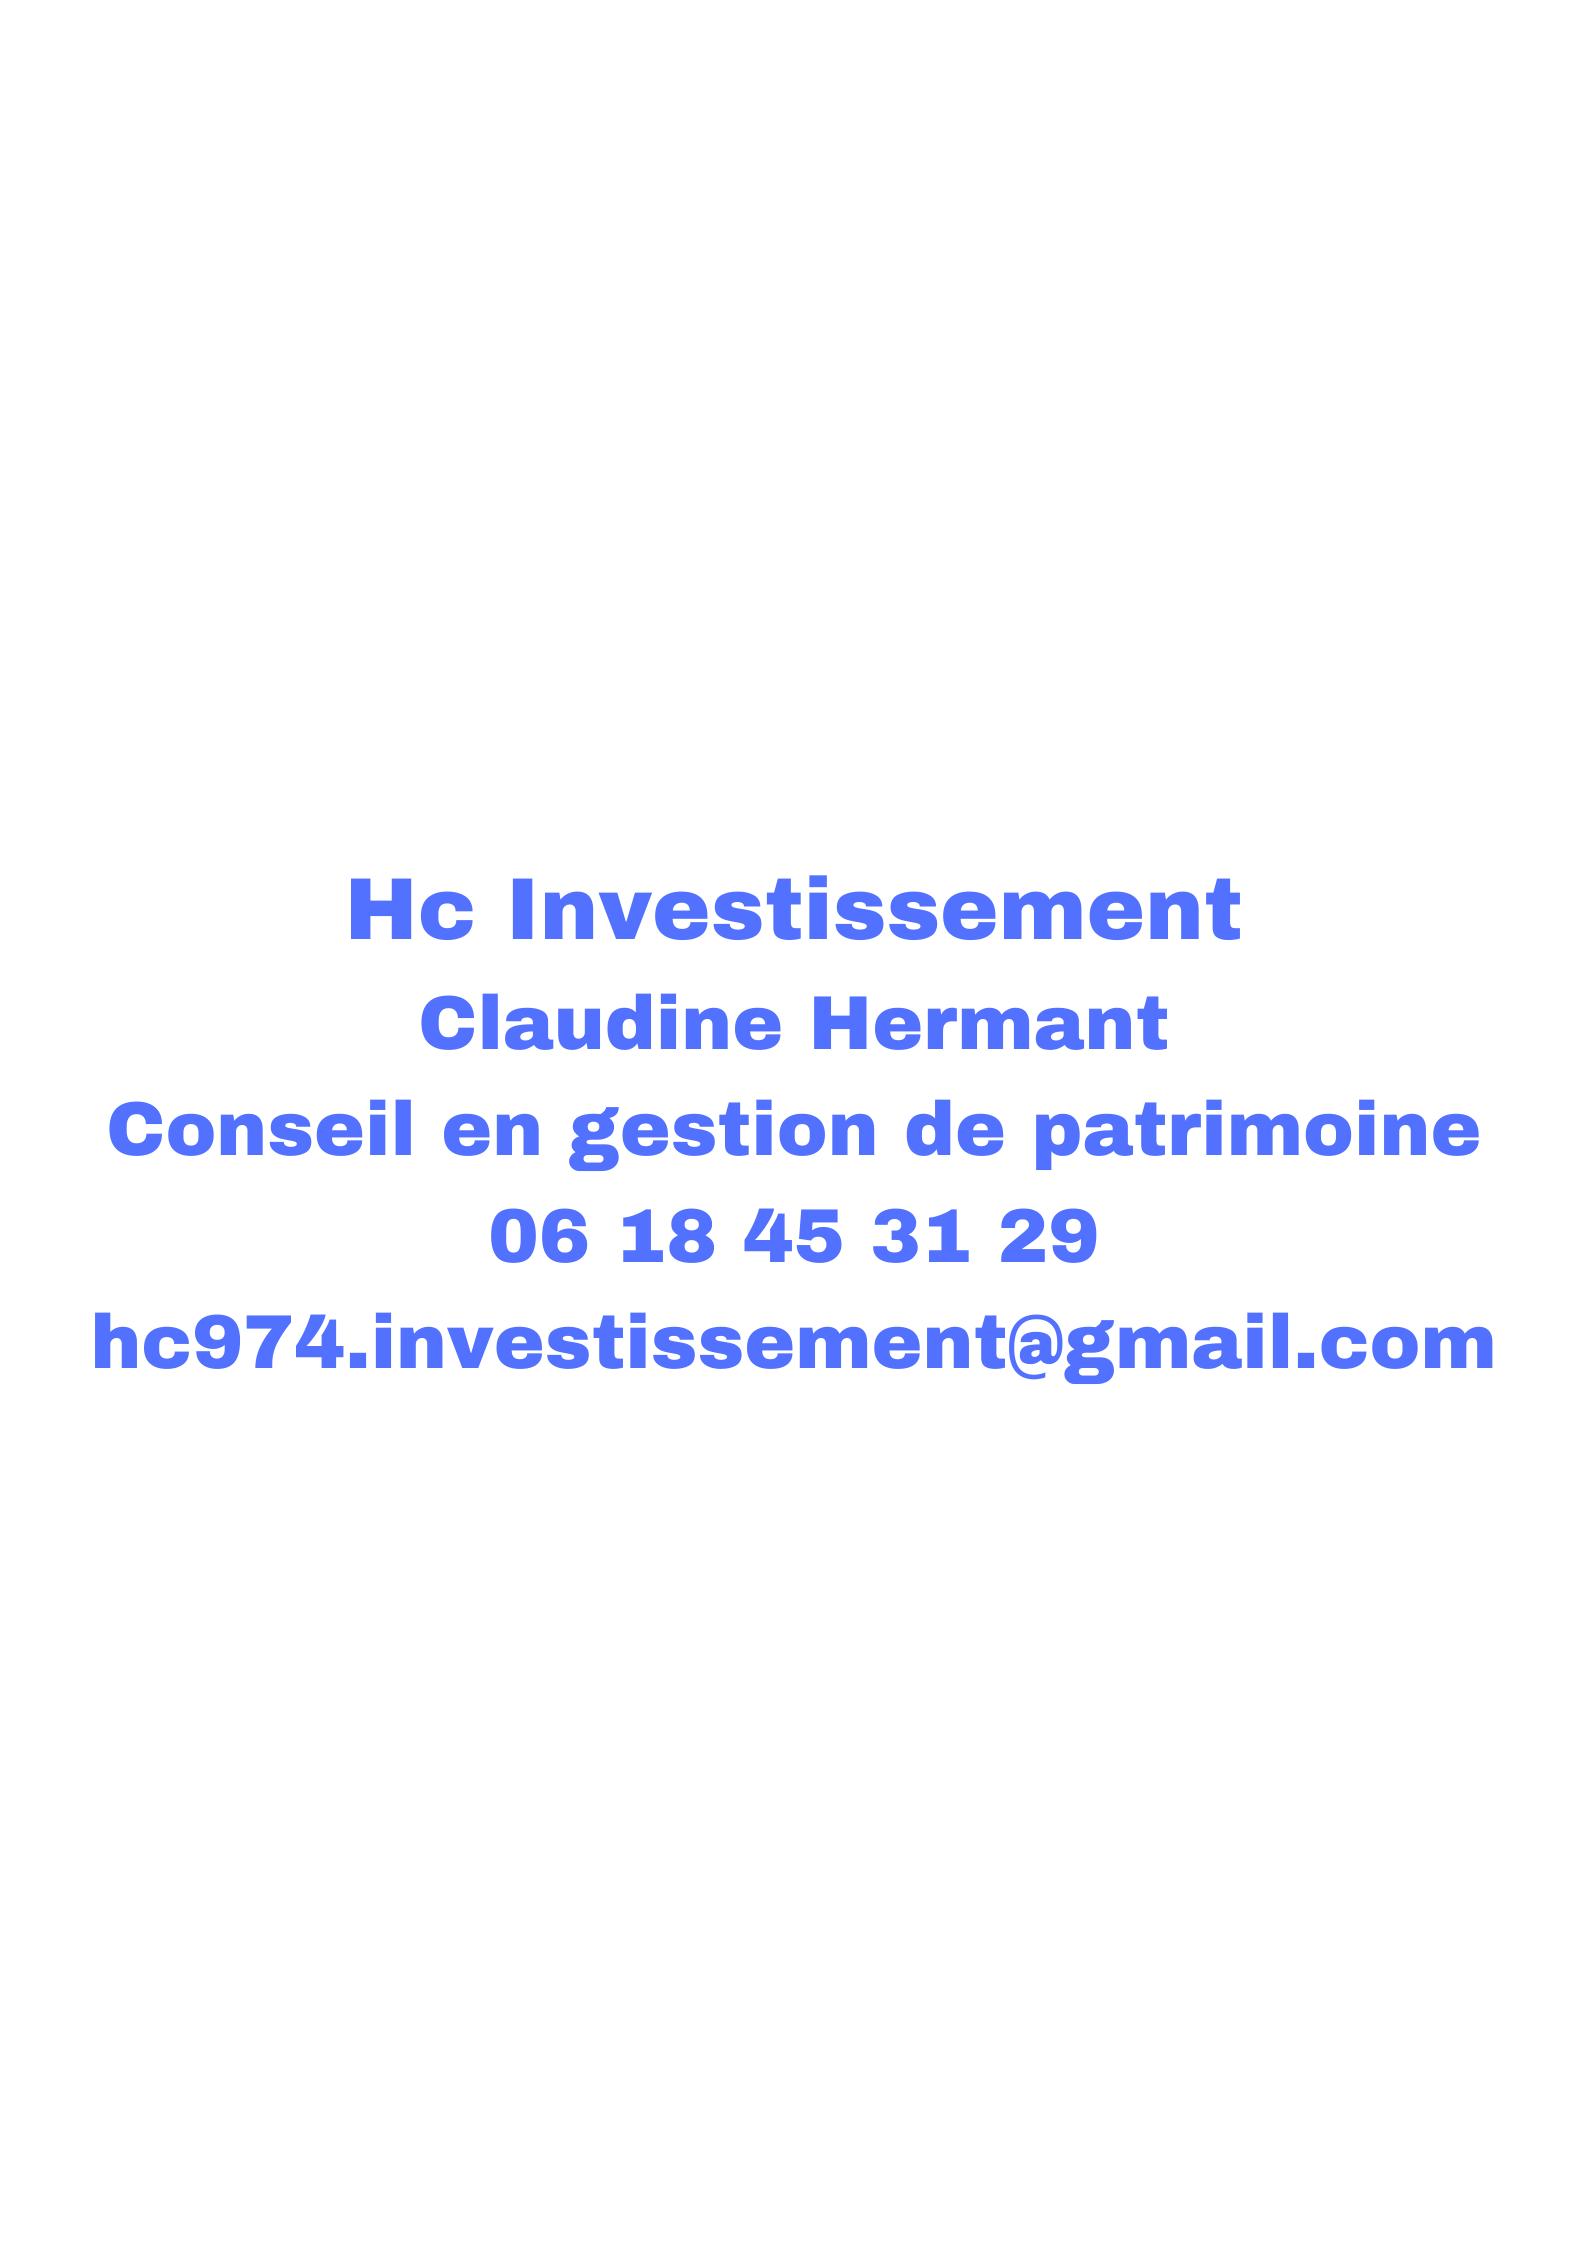 HC Investissement